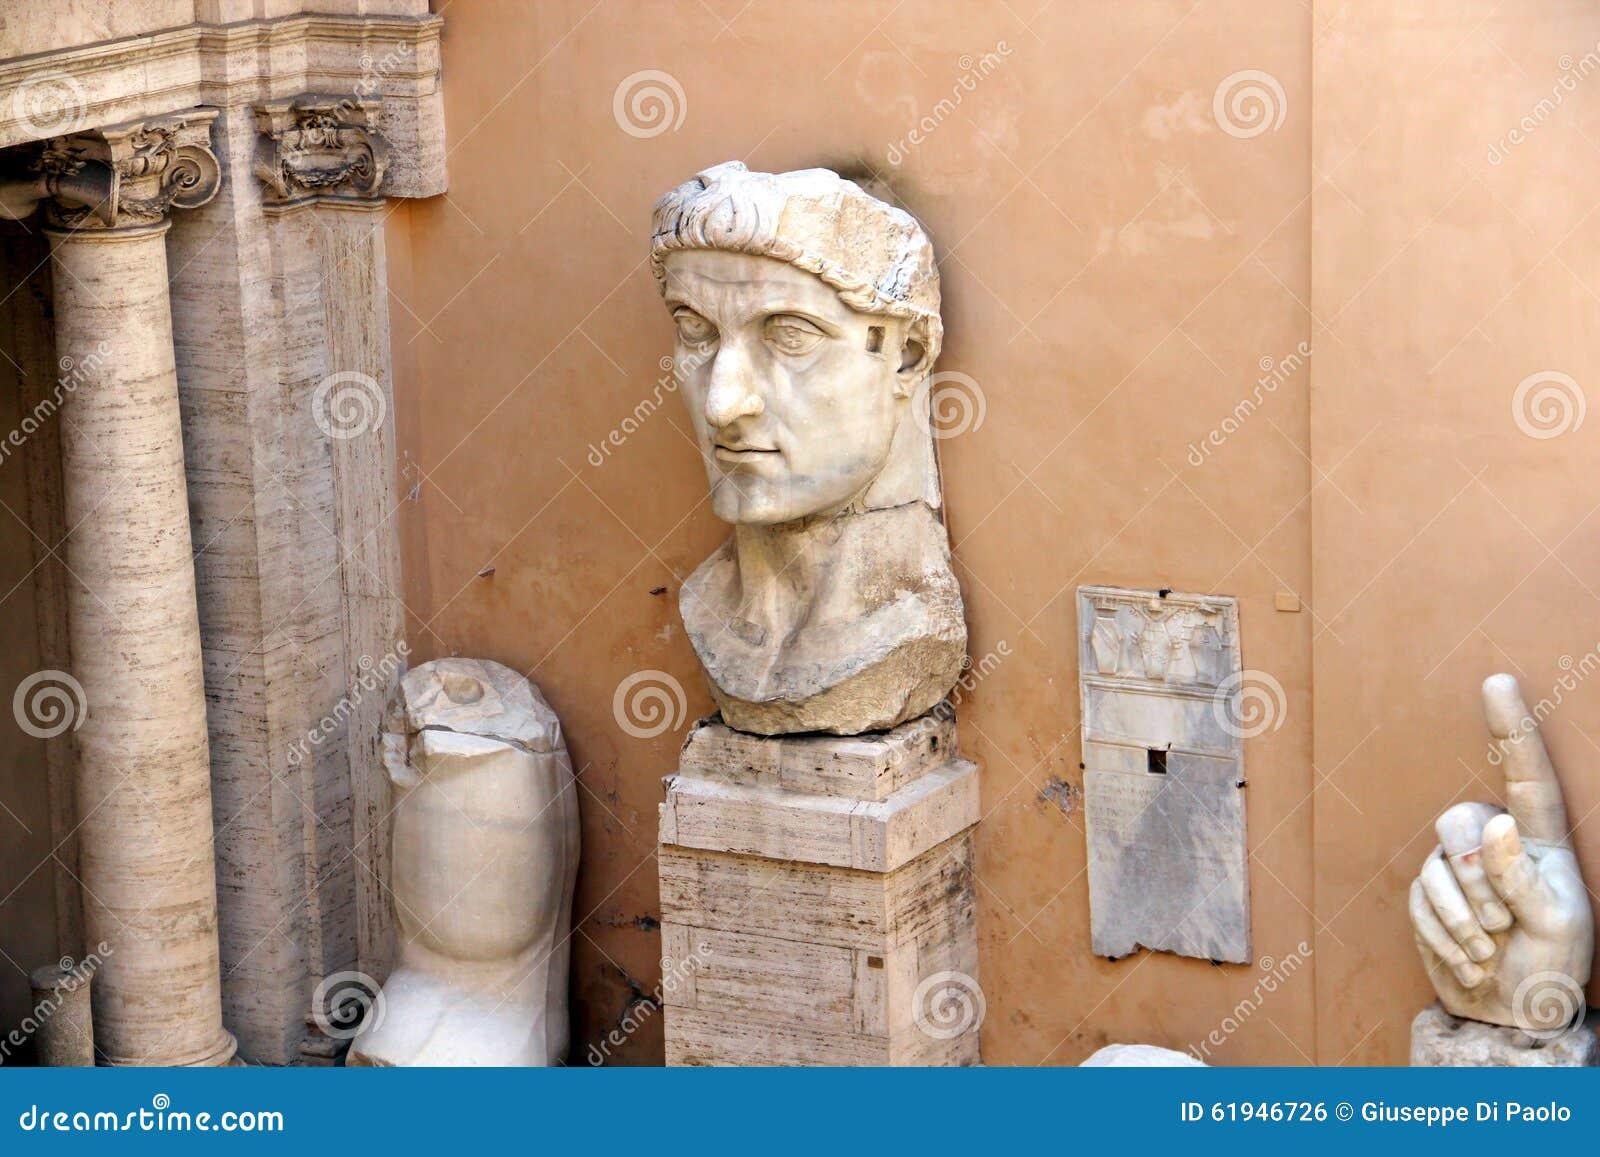 Museos de Capitoline de Roma: estatuas en el patio